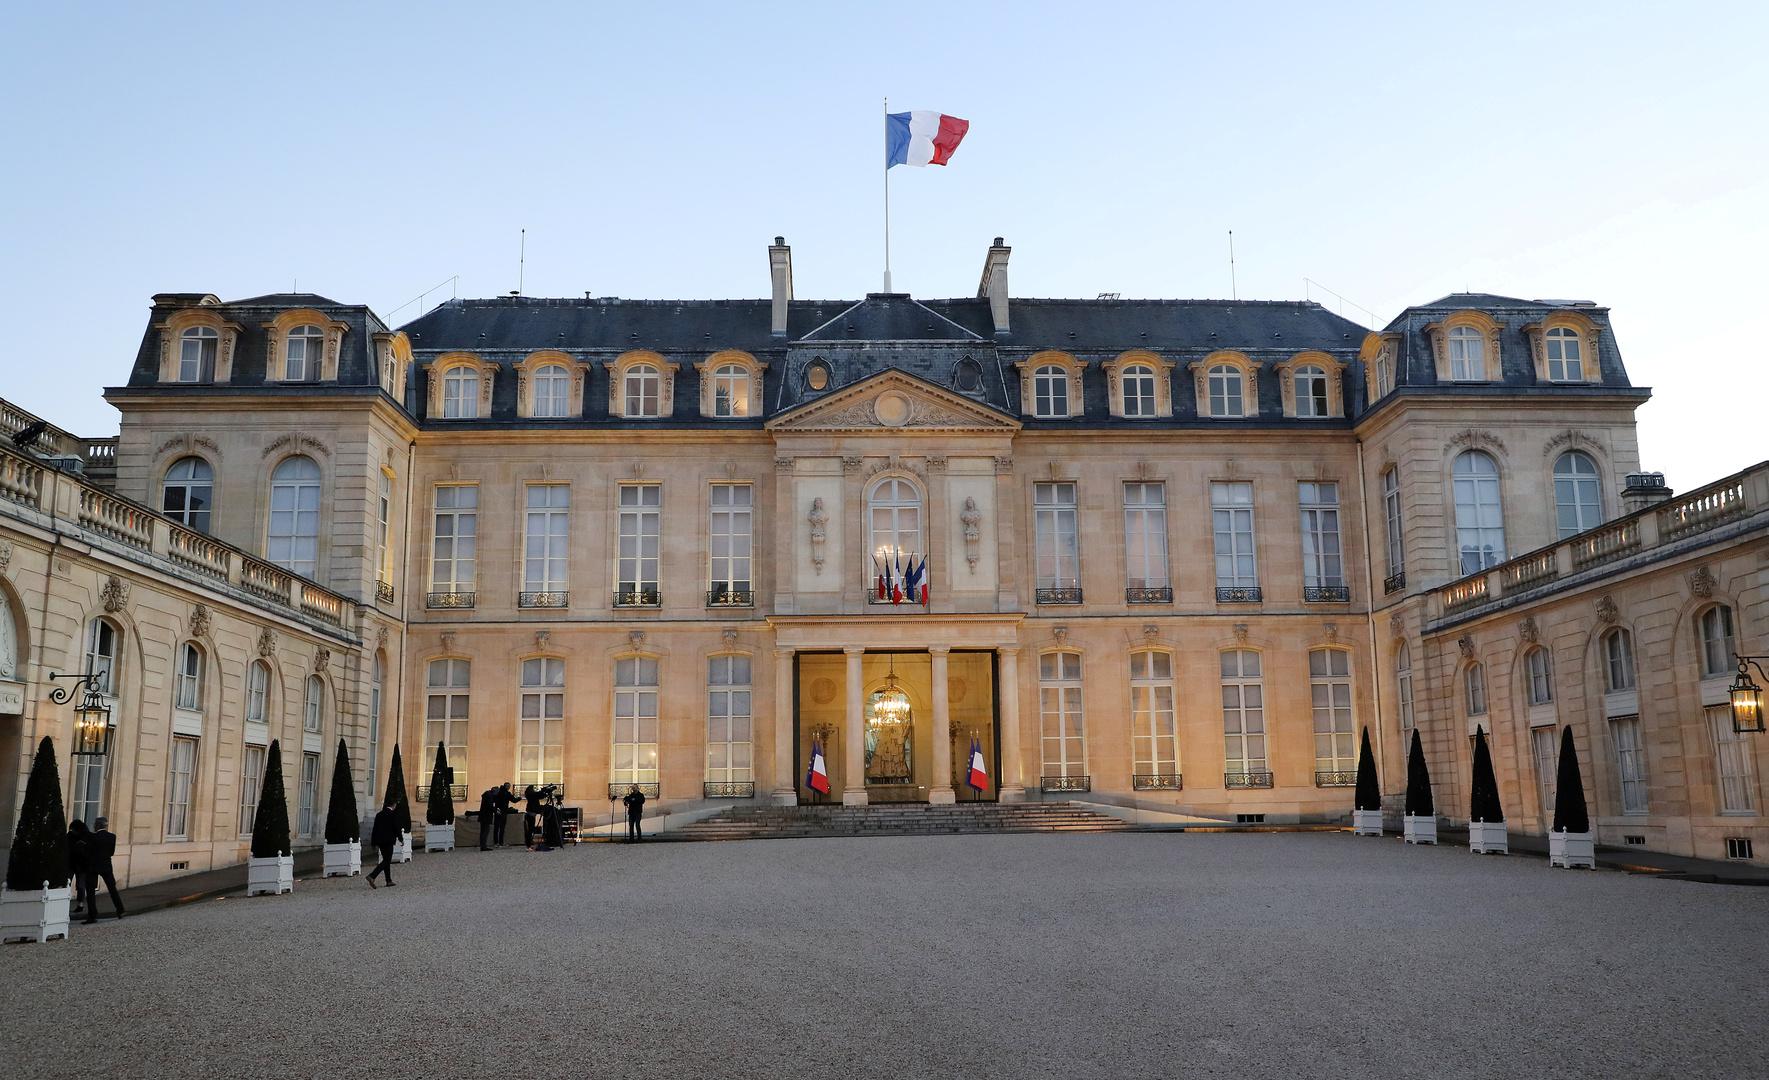 فرنسا واليابان تطالبان بتوزيع لقاحات كورونا بشكل عادل في العالم